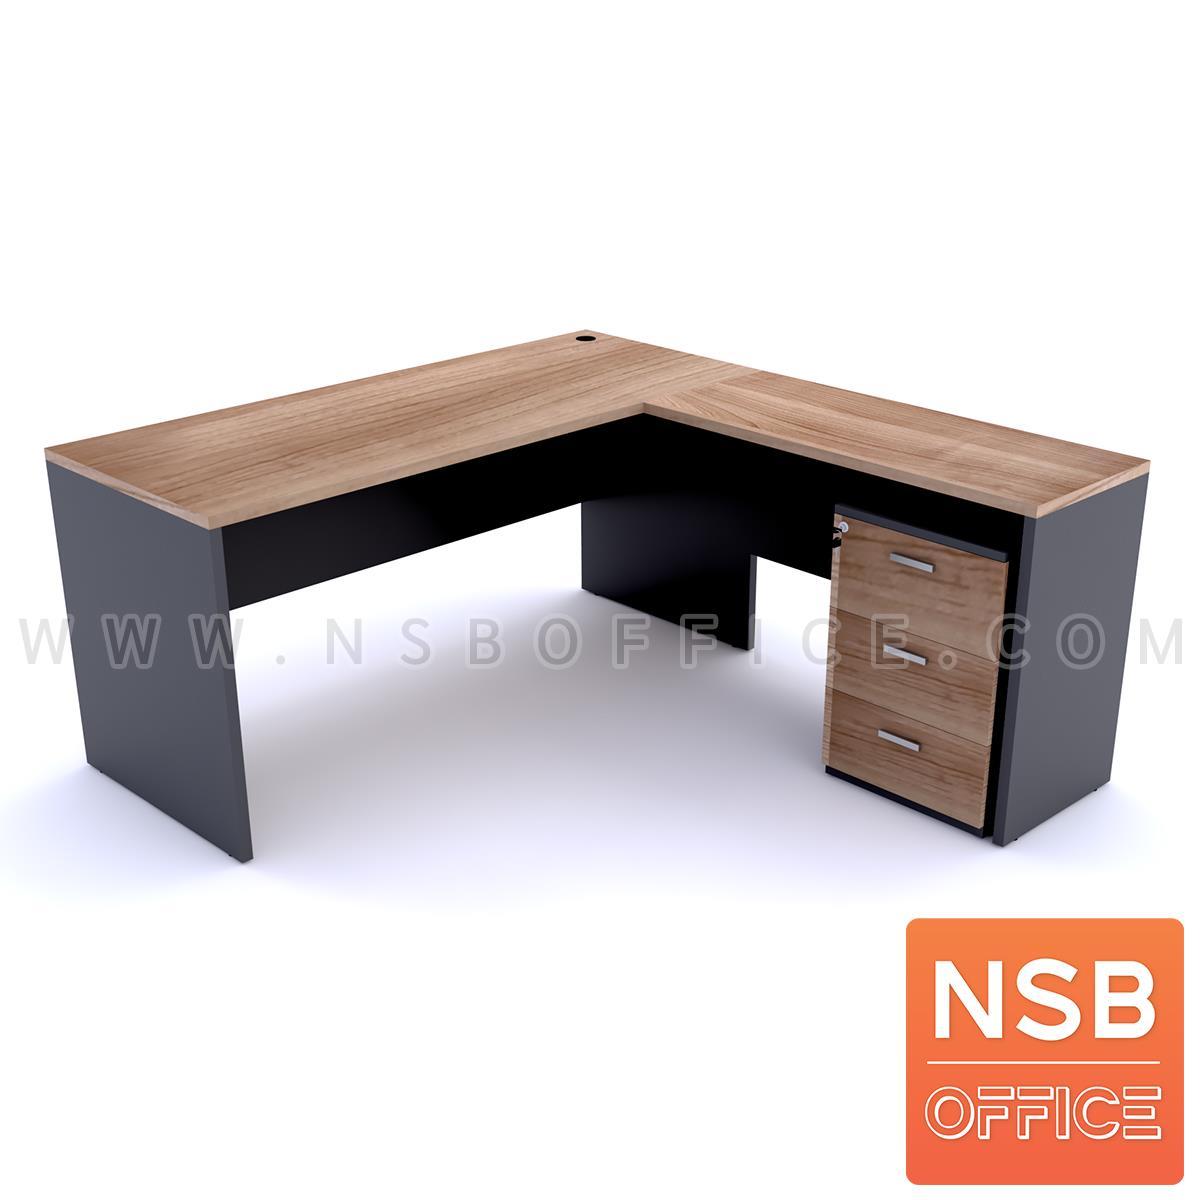 โต๊ะทำงานตัวแอล รุ่น Orianna (โอเรียนน่า) ขนาด 150W*160W/180W*160/150W*175W/180W*175 cm.